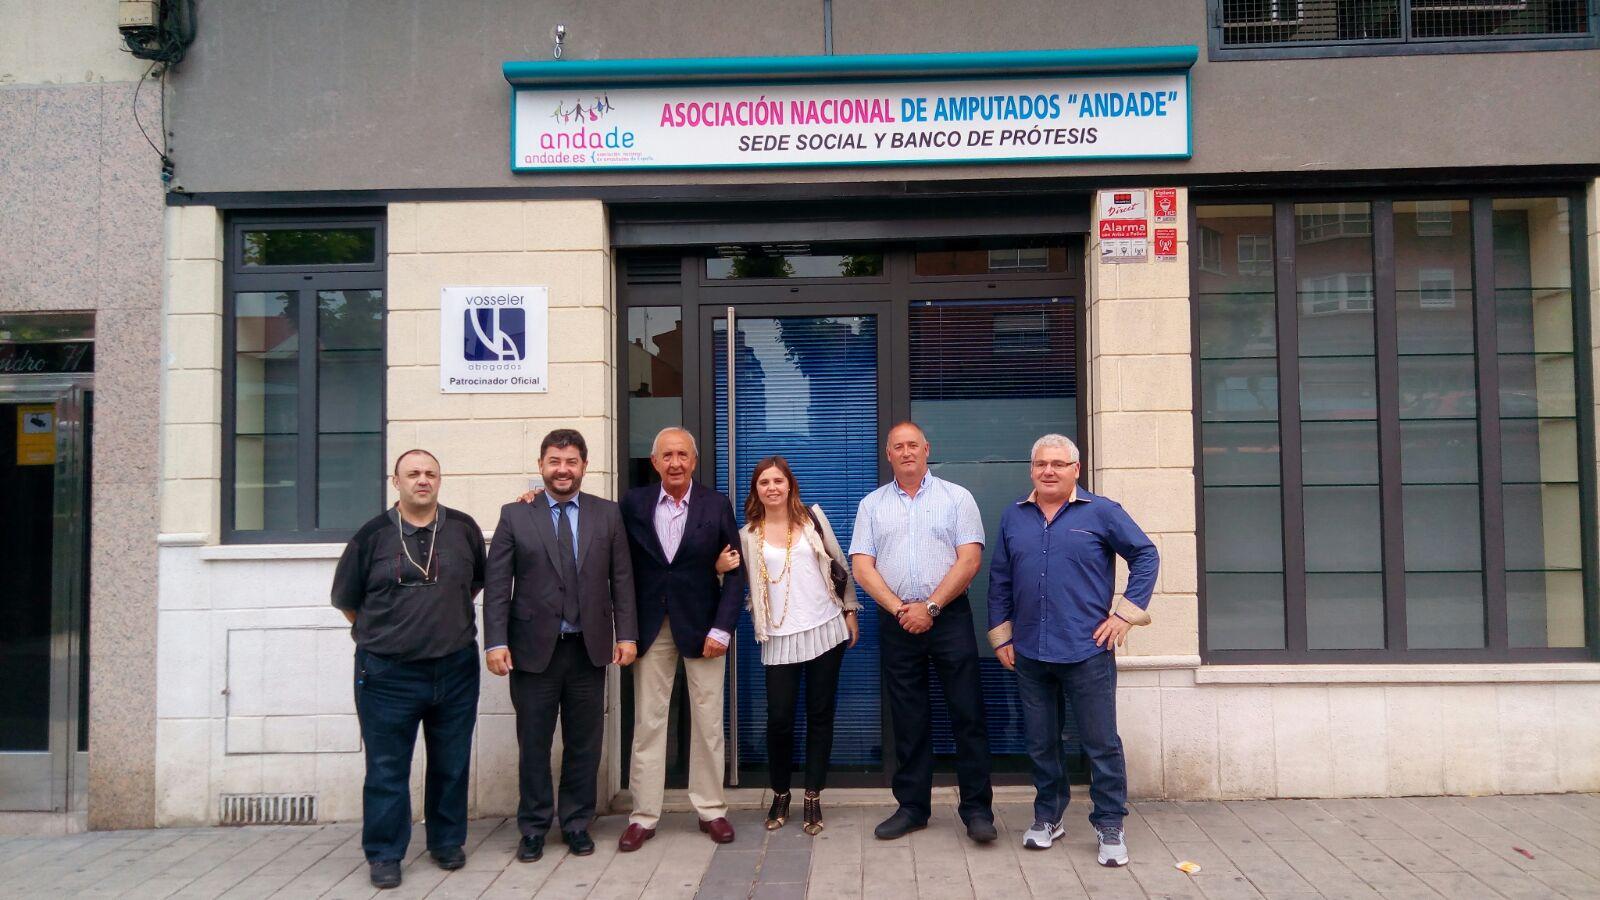 Andade ha abierto el primer banco de pr tesis oficial en for Banco santander abierto sabado madrid